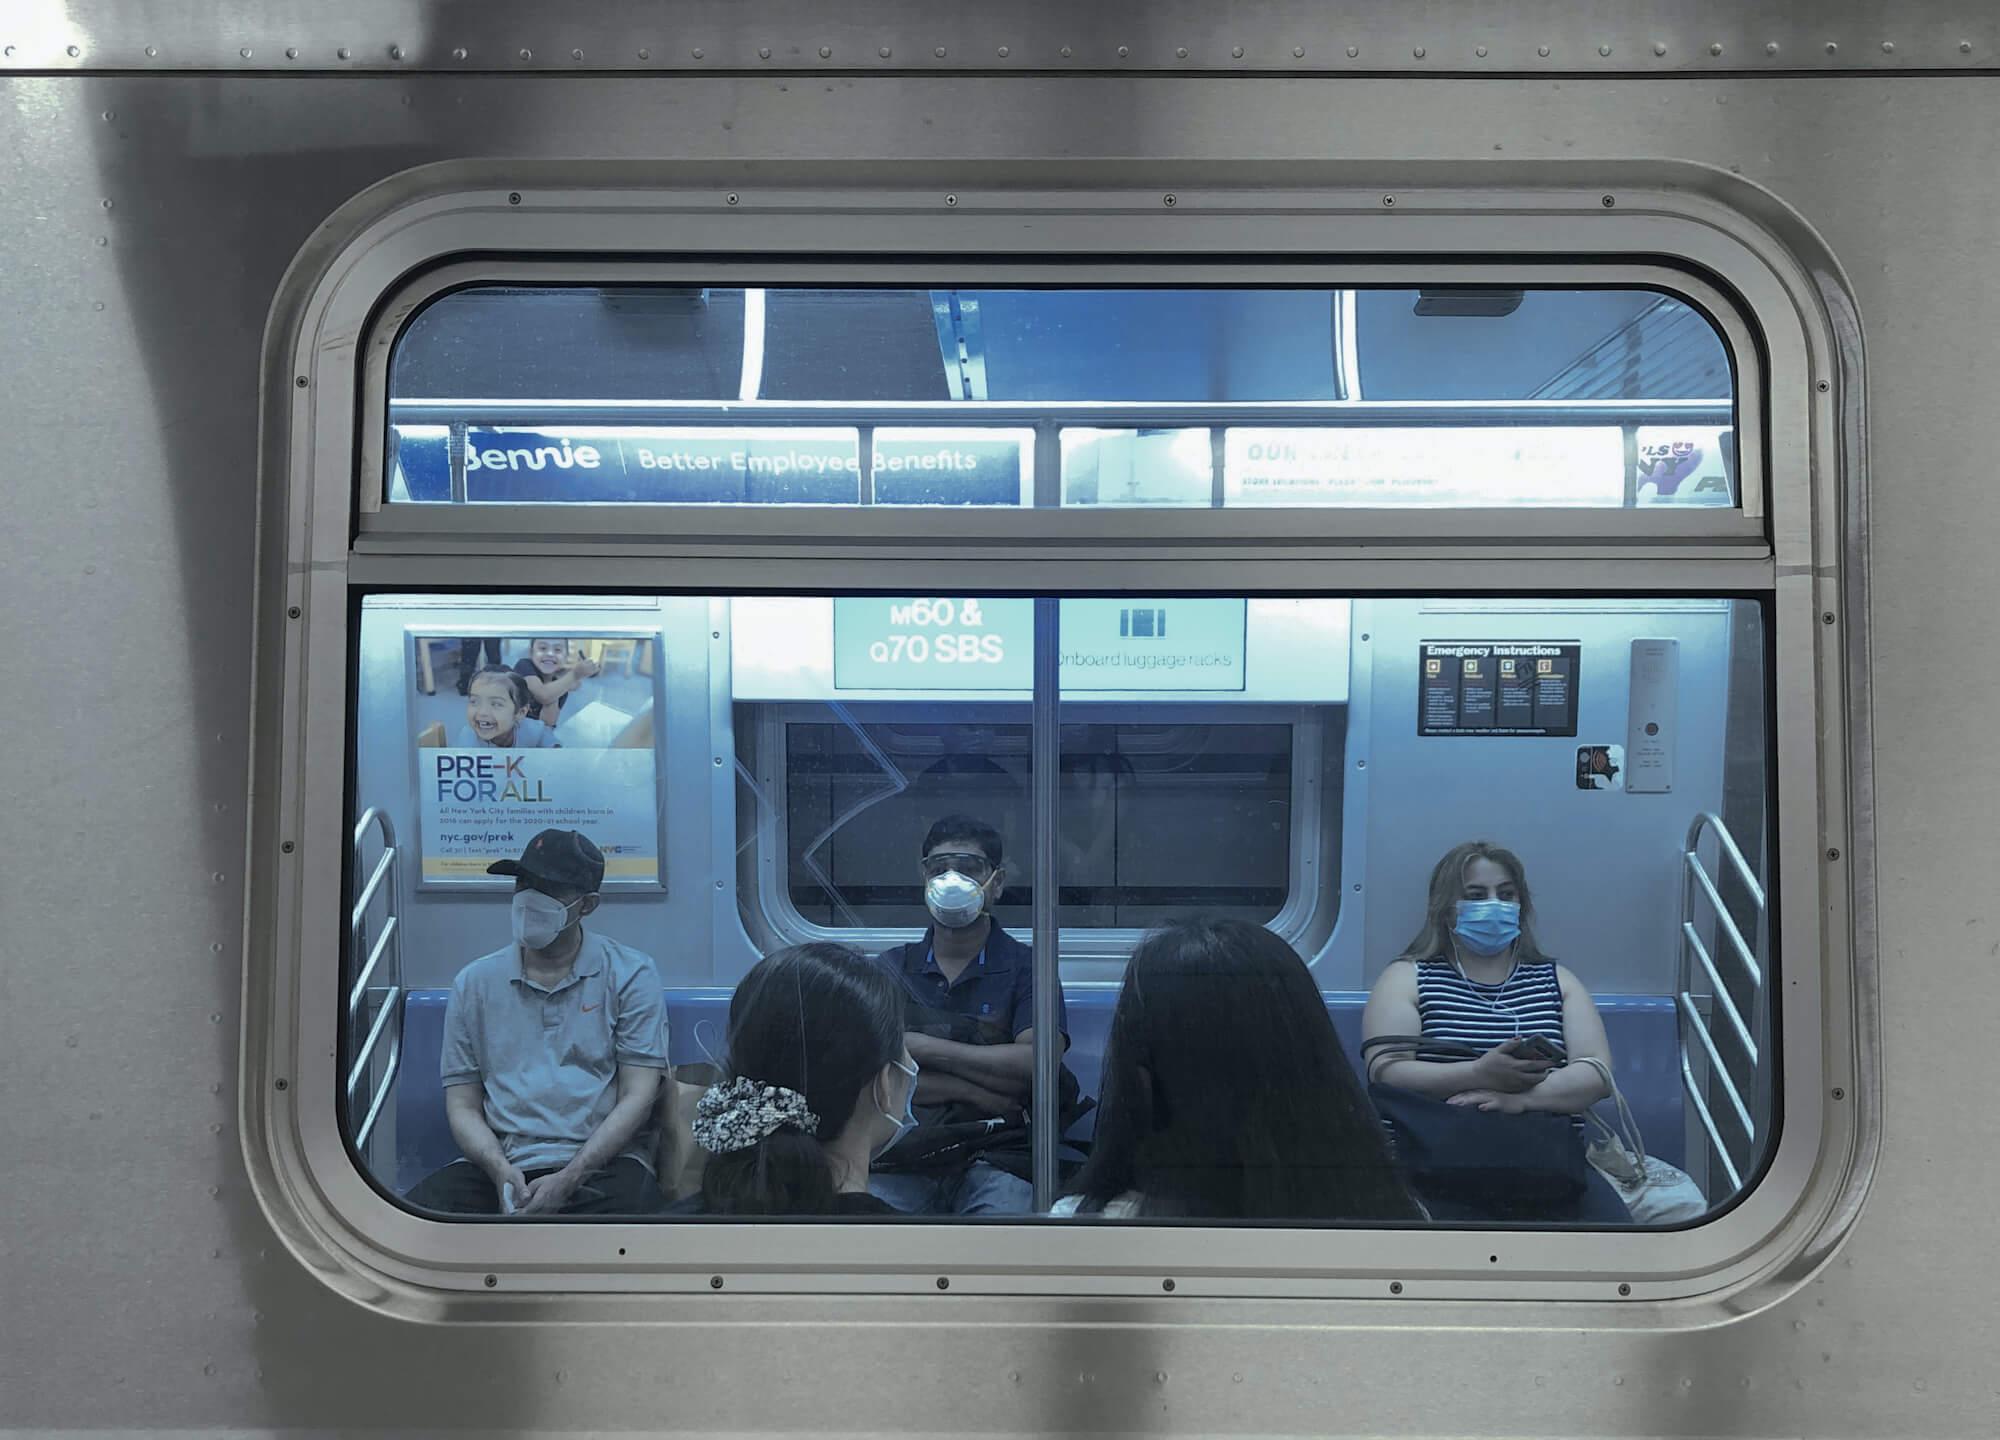 Fahrgäste in der New Yorker U-Bahn.